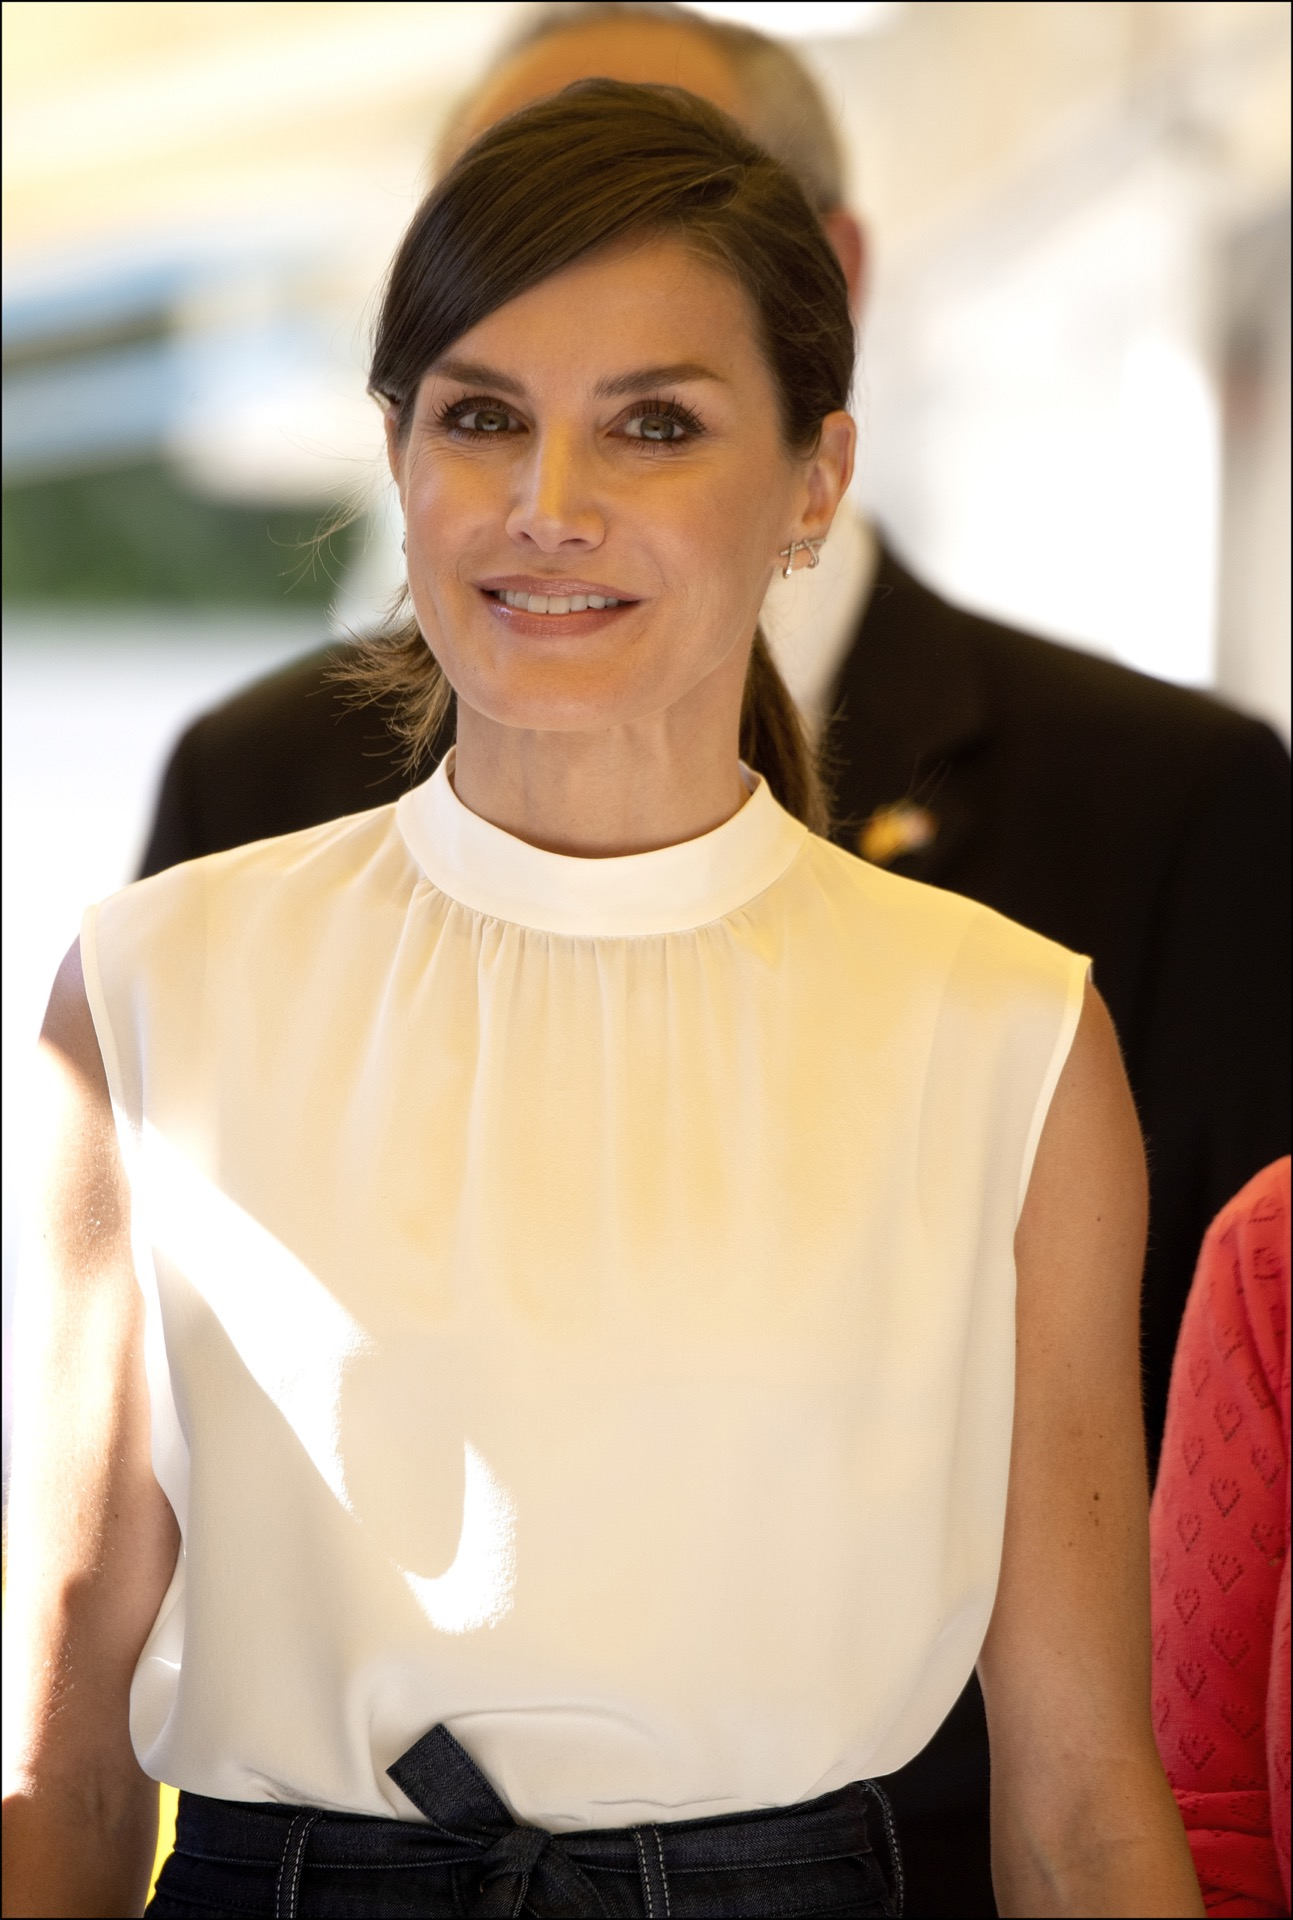 La blusa elegida por Letizia es de Hugo Boss. Completó el look con unos aros delicados.